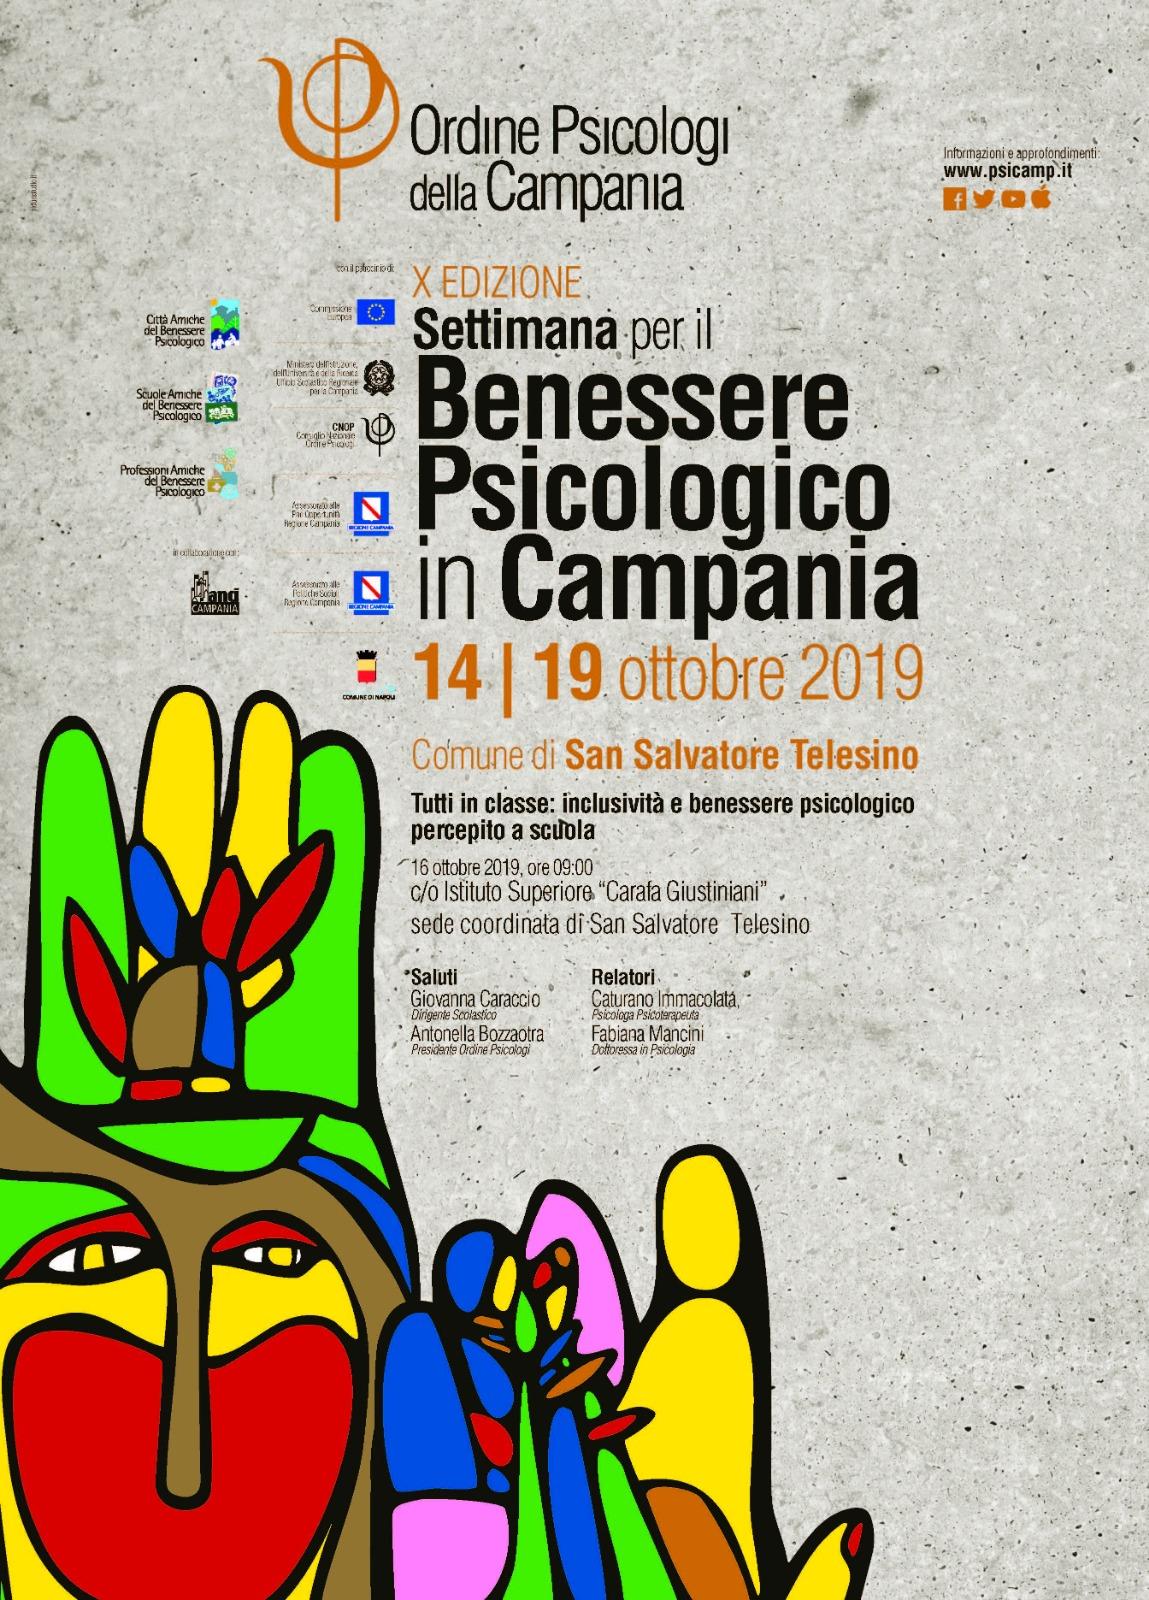 Benessere Psicologico in Campania